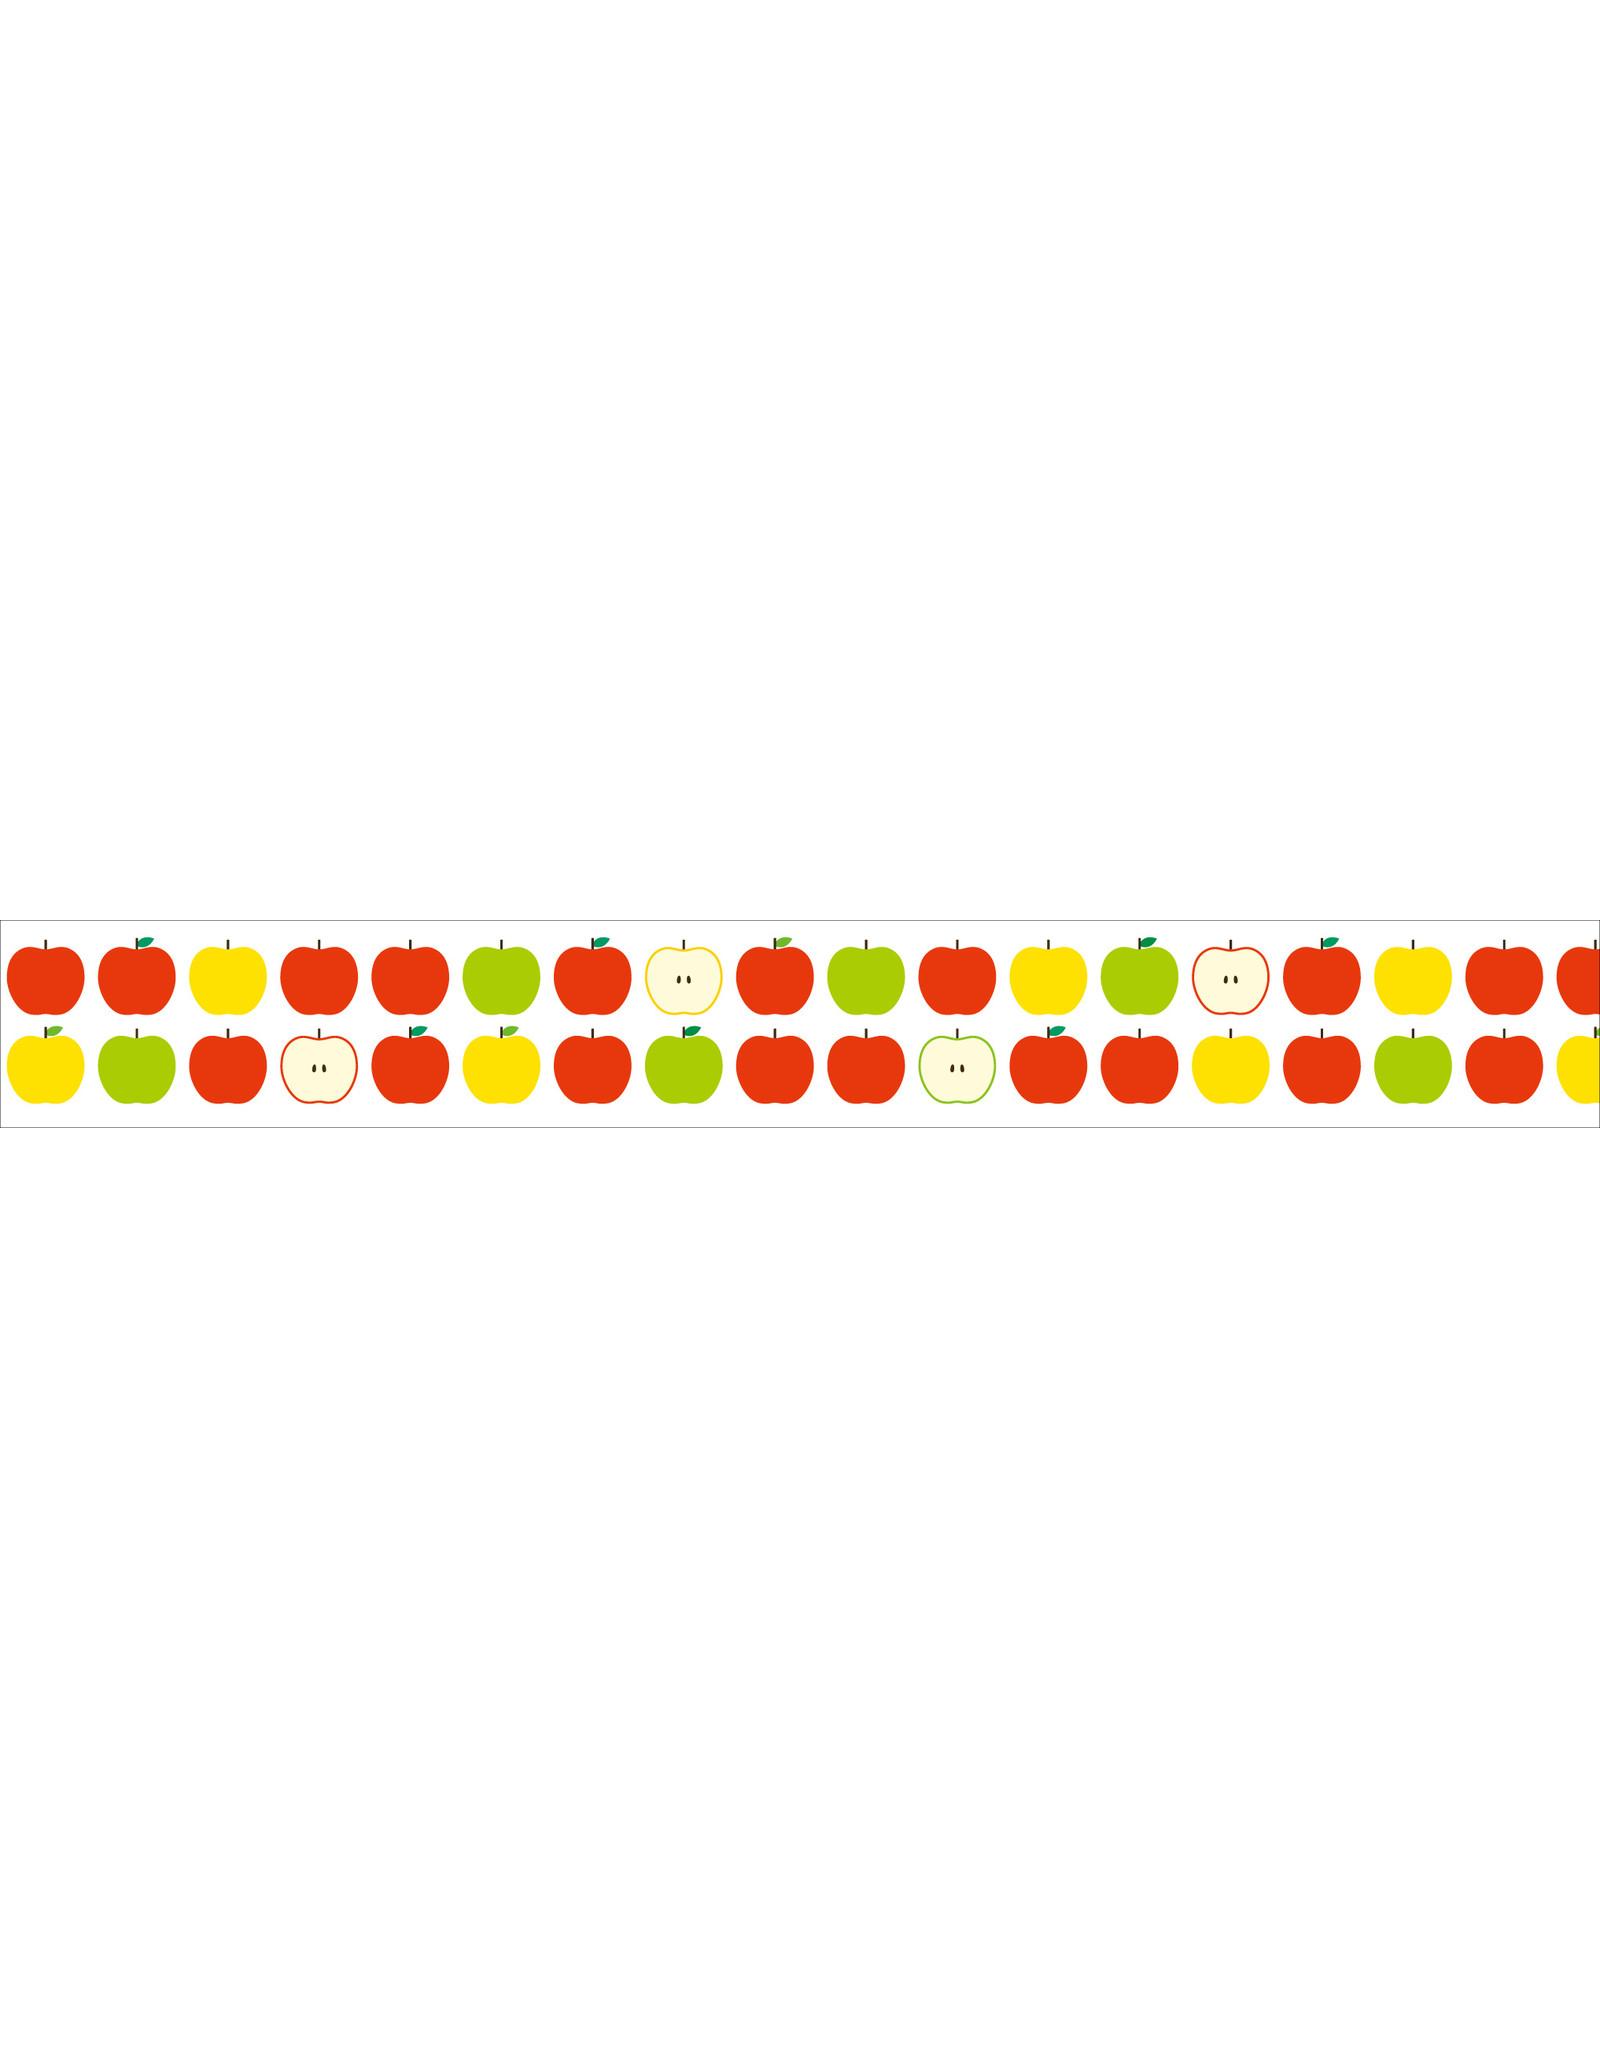 Mt Apple pattern